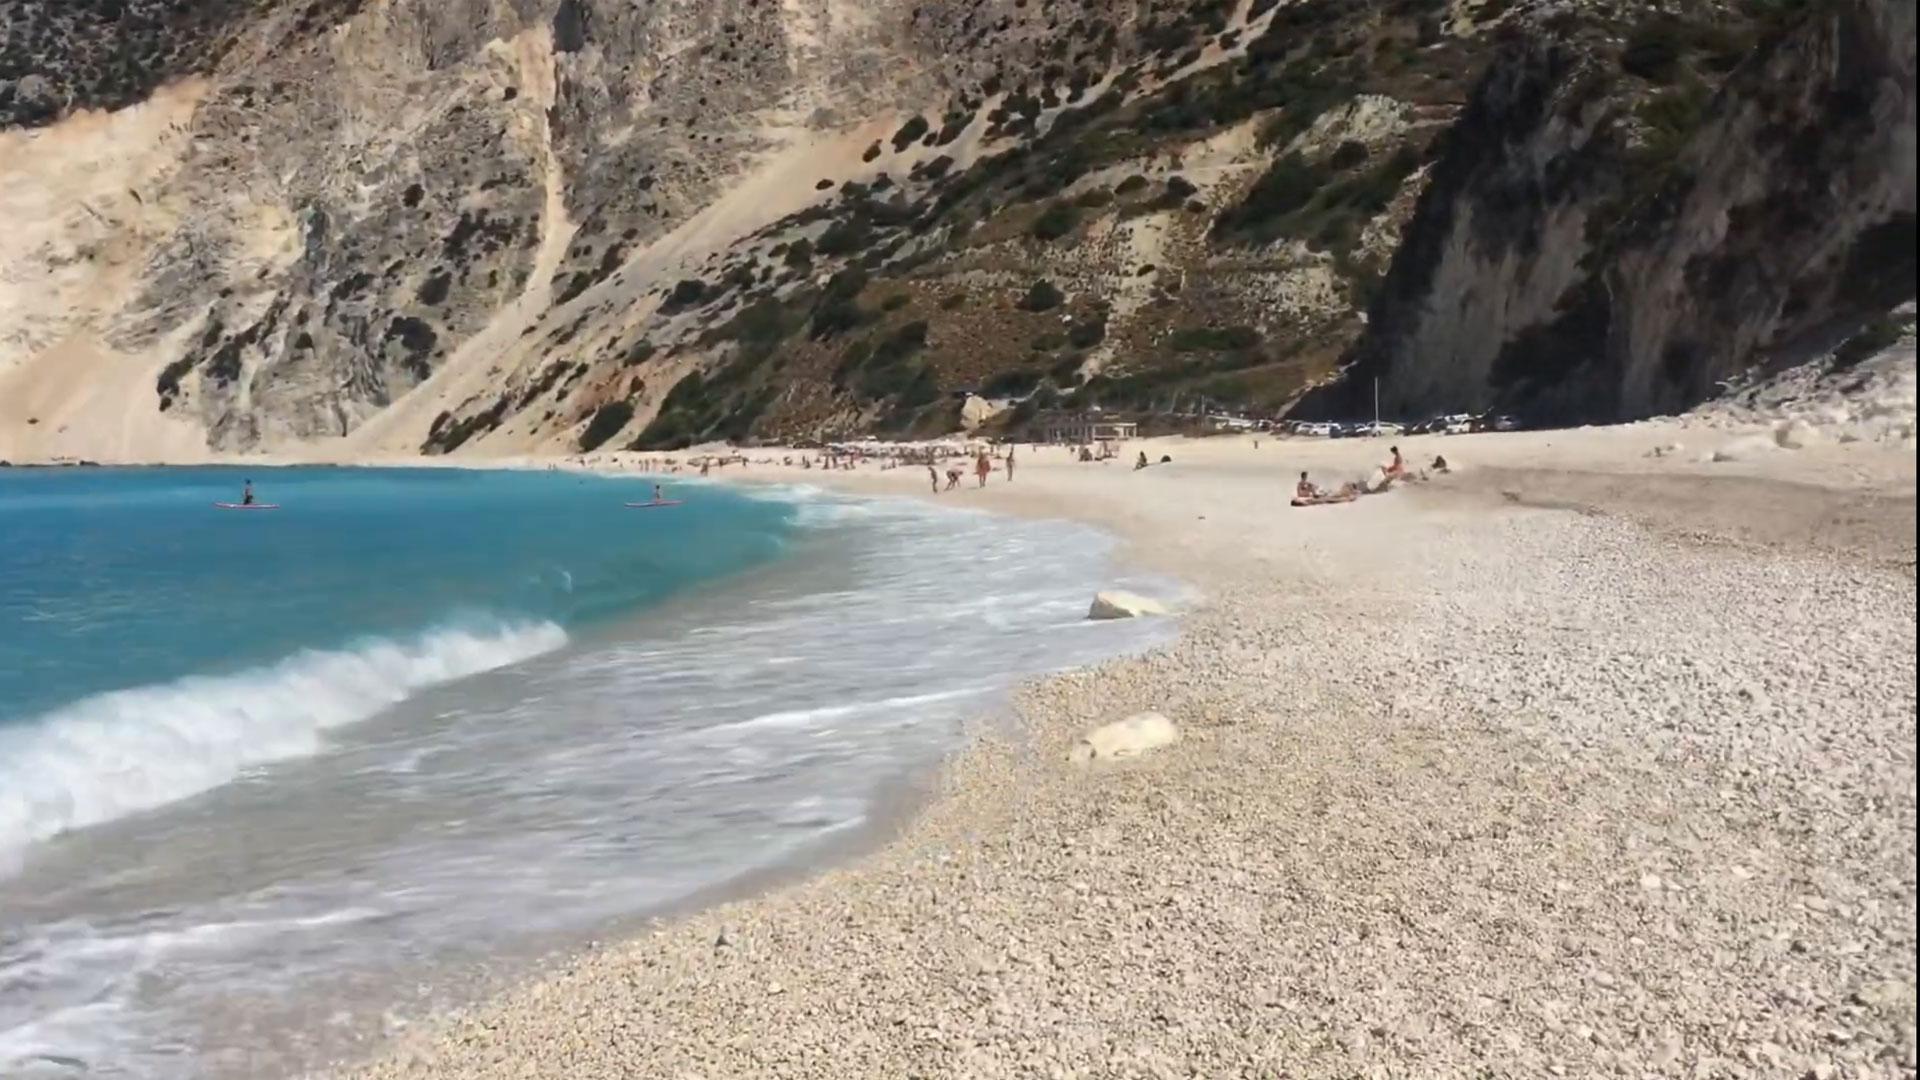 Spiaggia di Myrtos sull'isola di Cefalonia – Vacanze in Grecia 2017